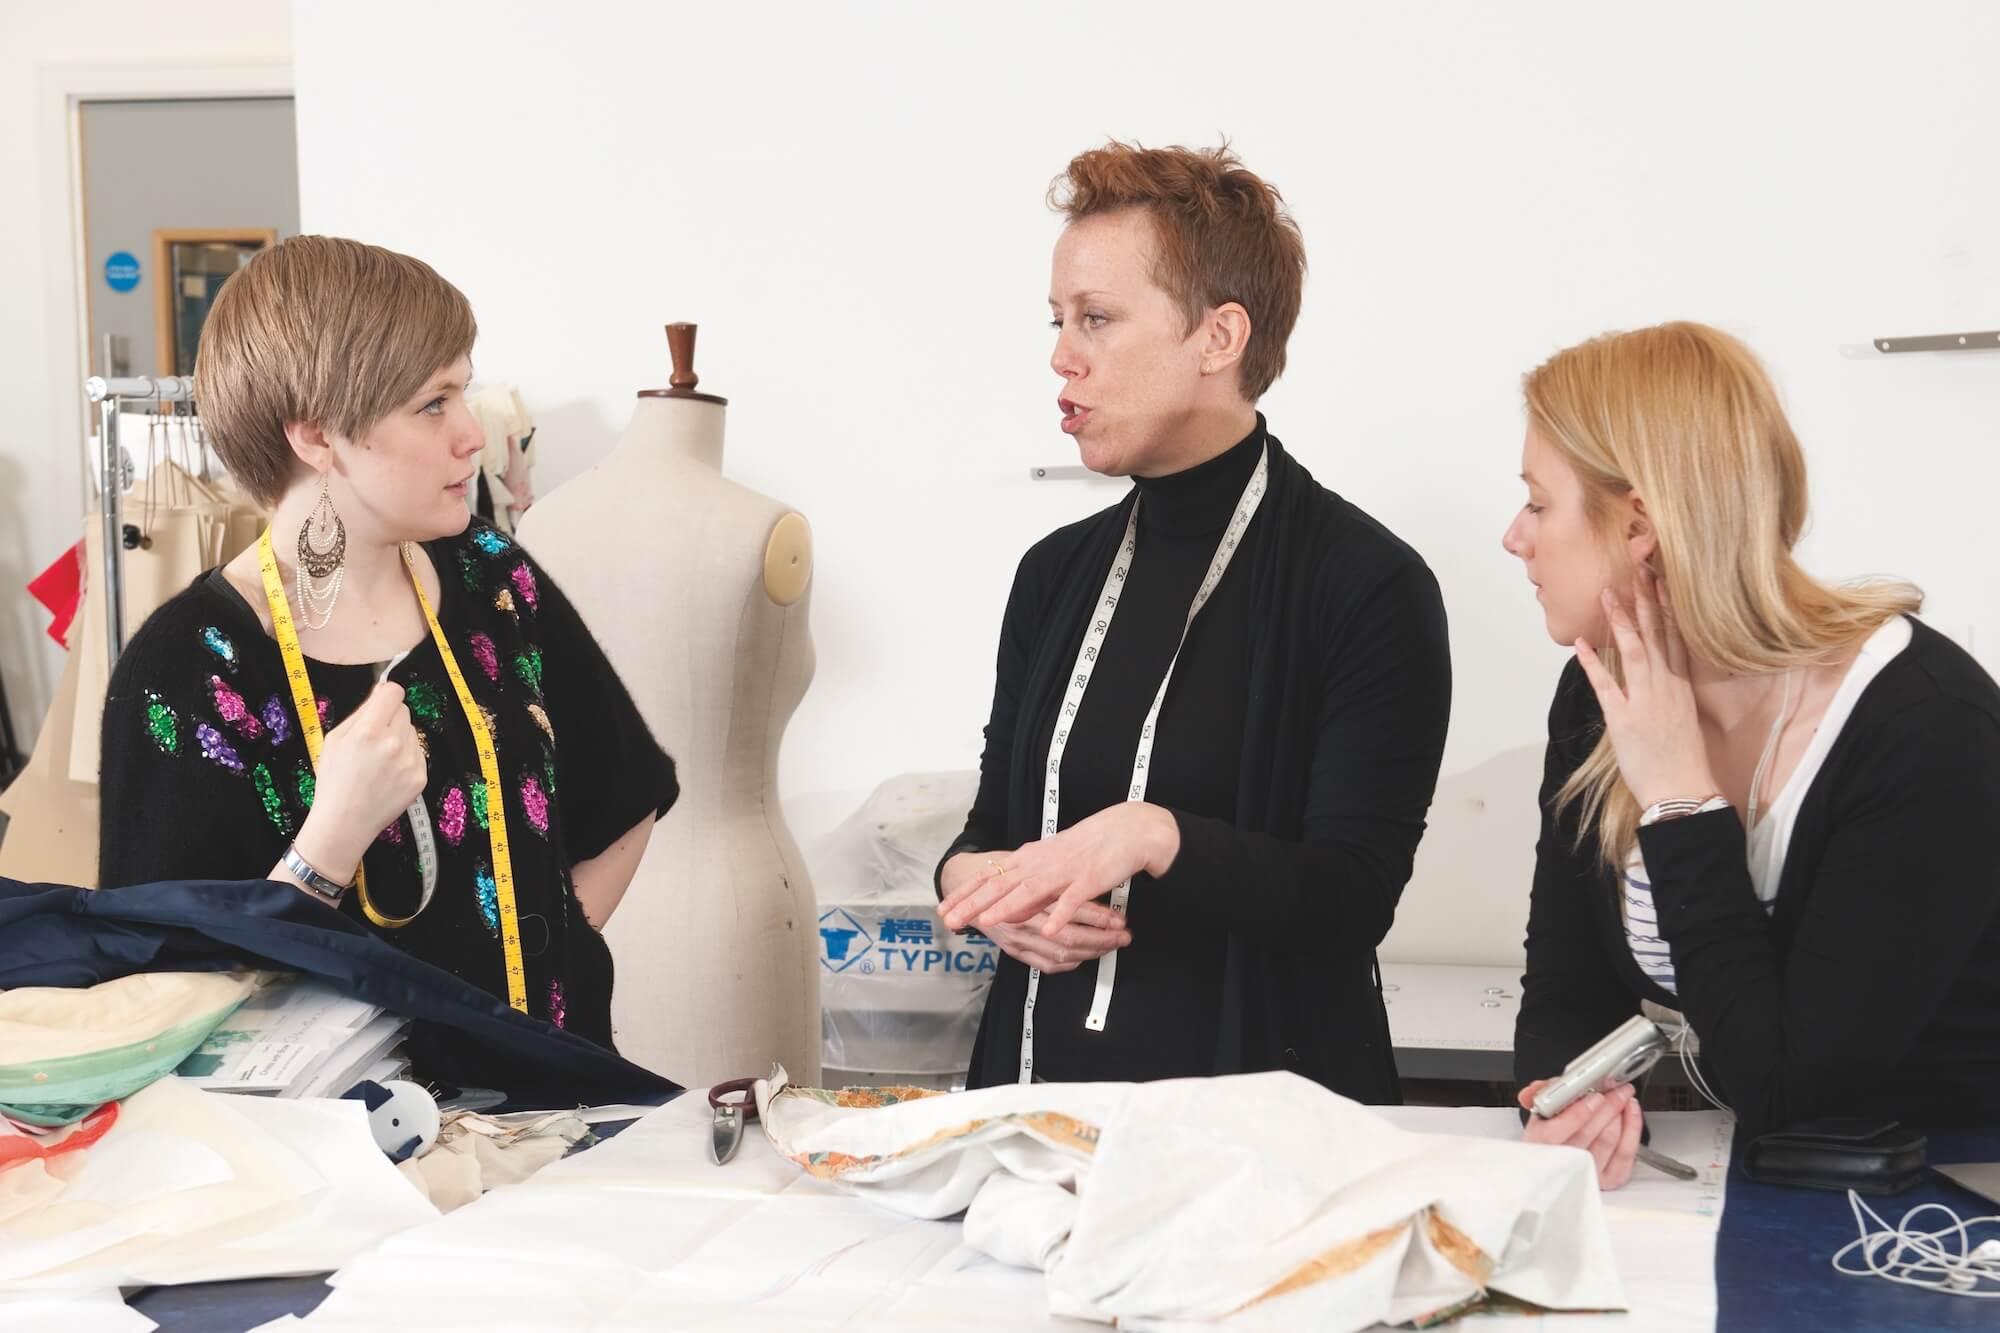 Fashion academics having a team briefing